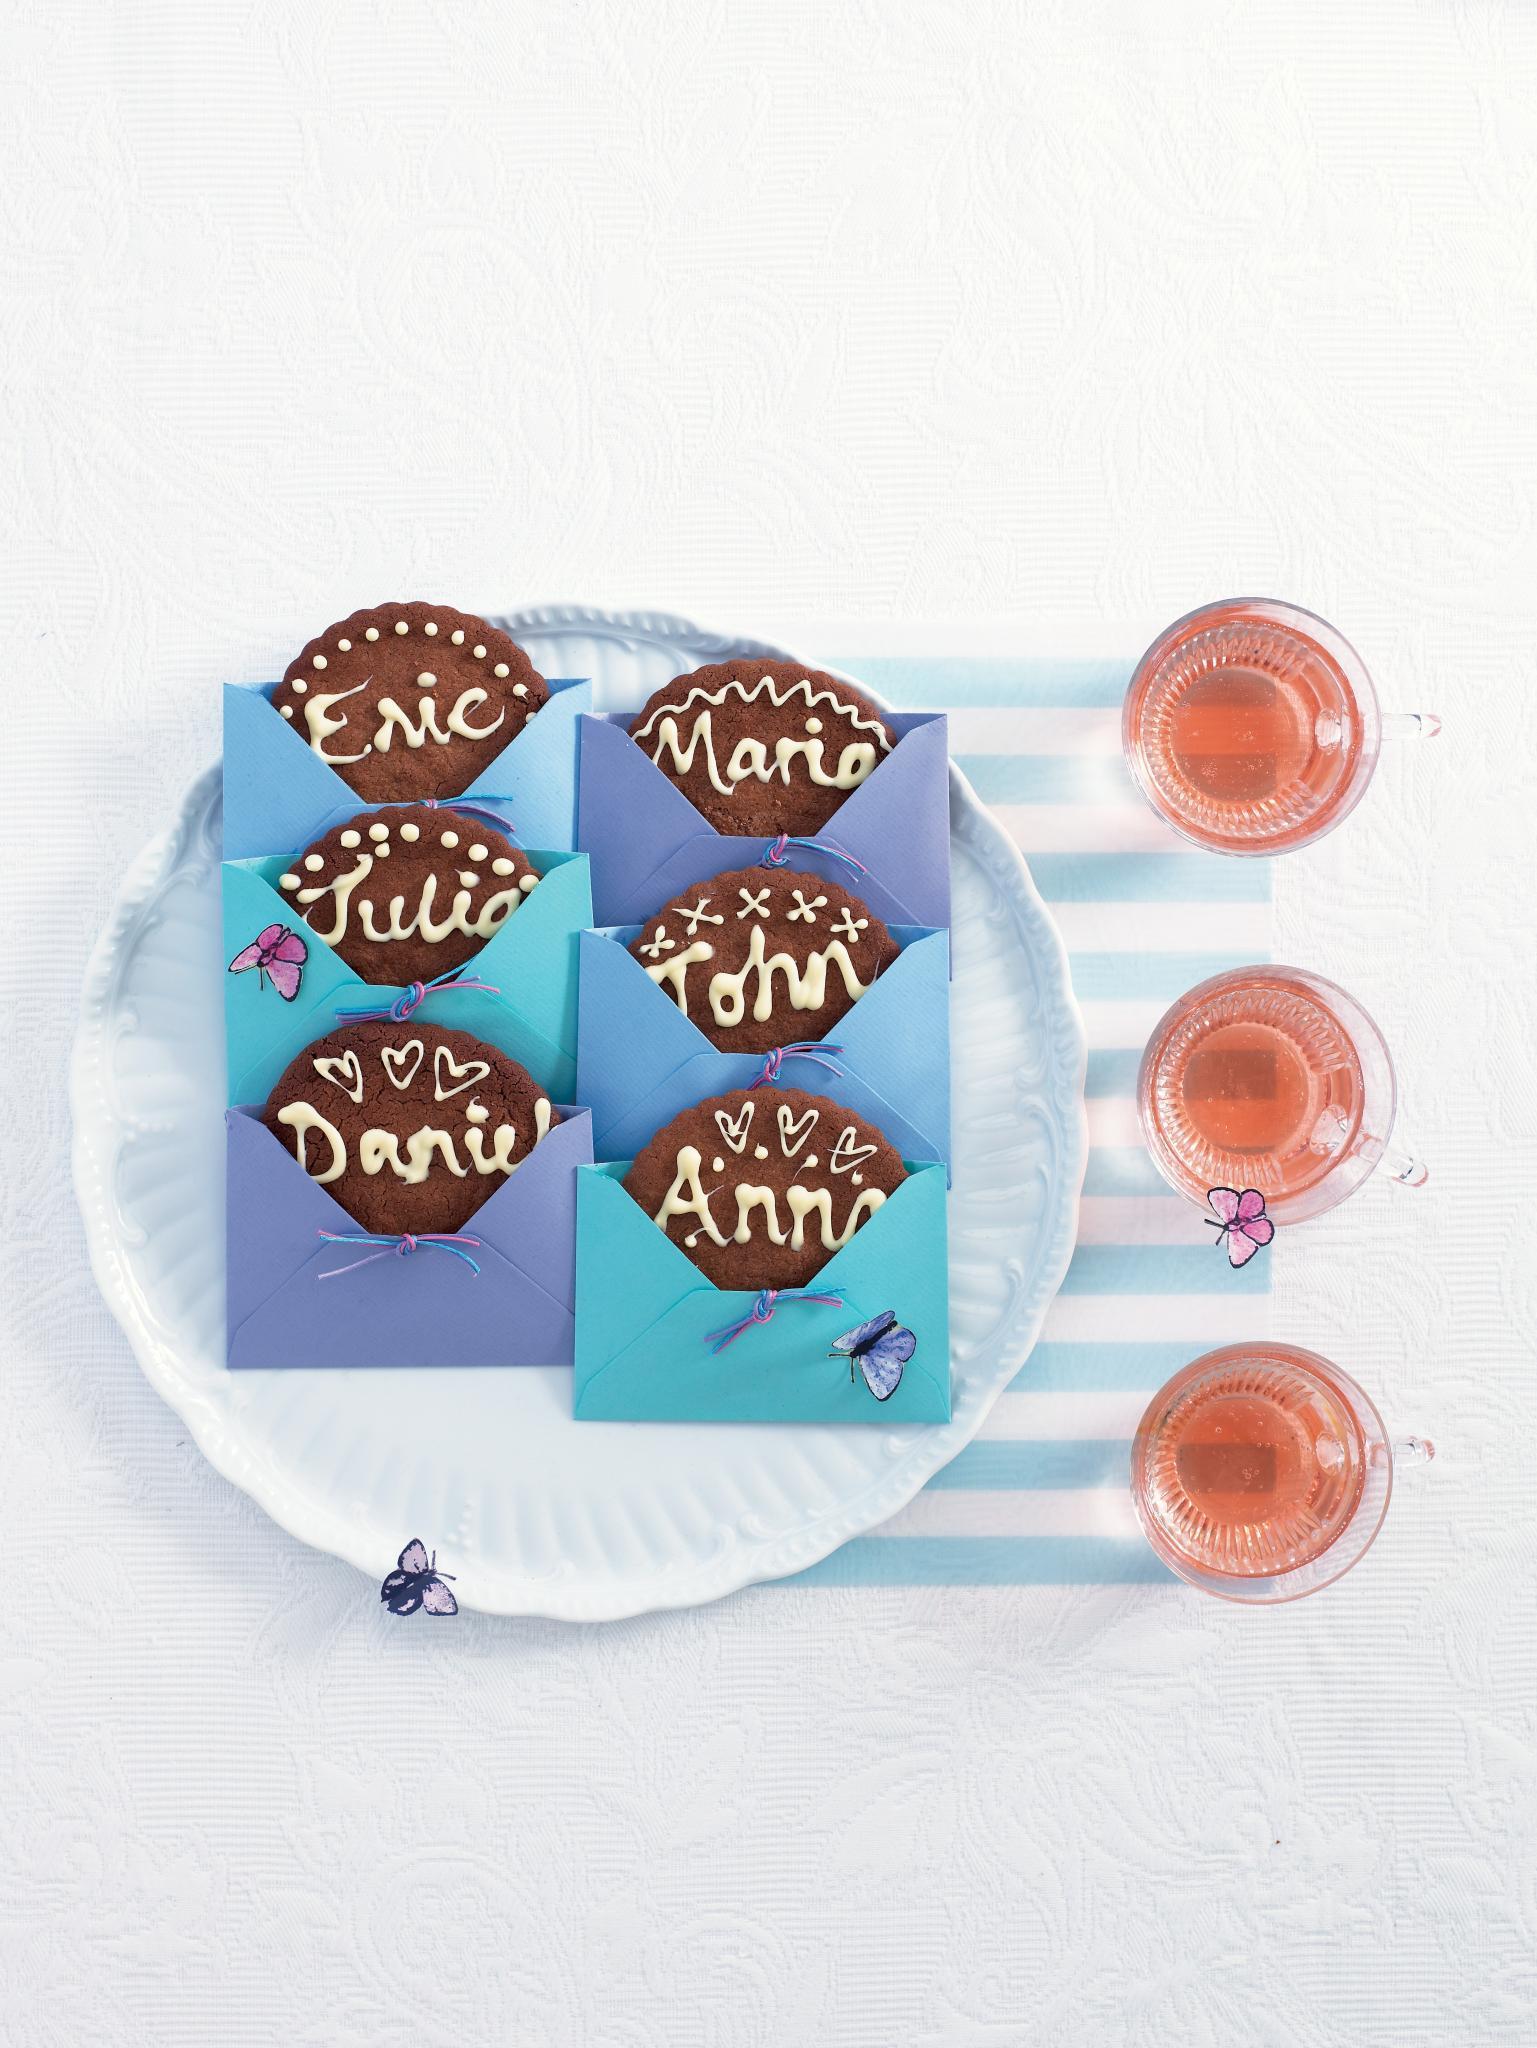 Für Naschkatzen: Süße Namensschilder aus Keks und Schokolade